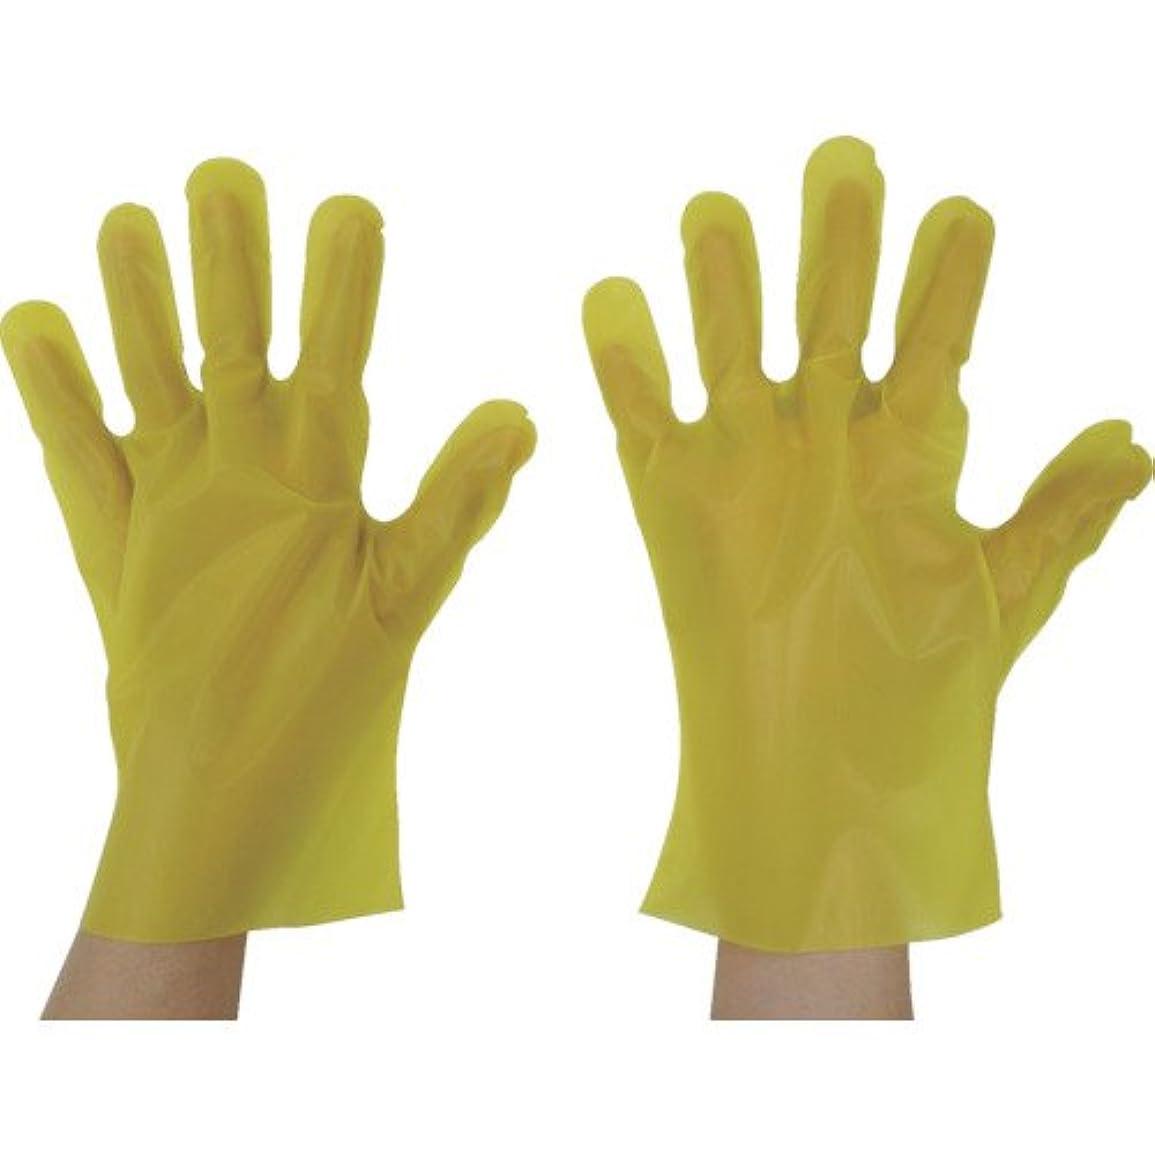 歴史的不正直進む東京パック エンボス手袋五本絞りエコノミー化粧箱M イエロー(入数:200枚) YEK-M